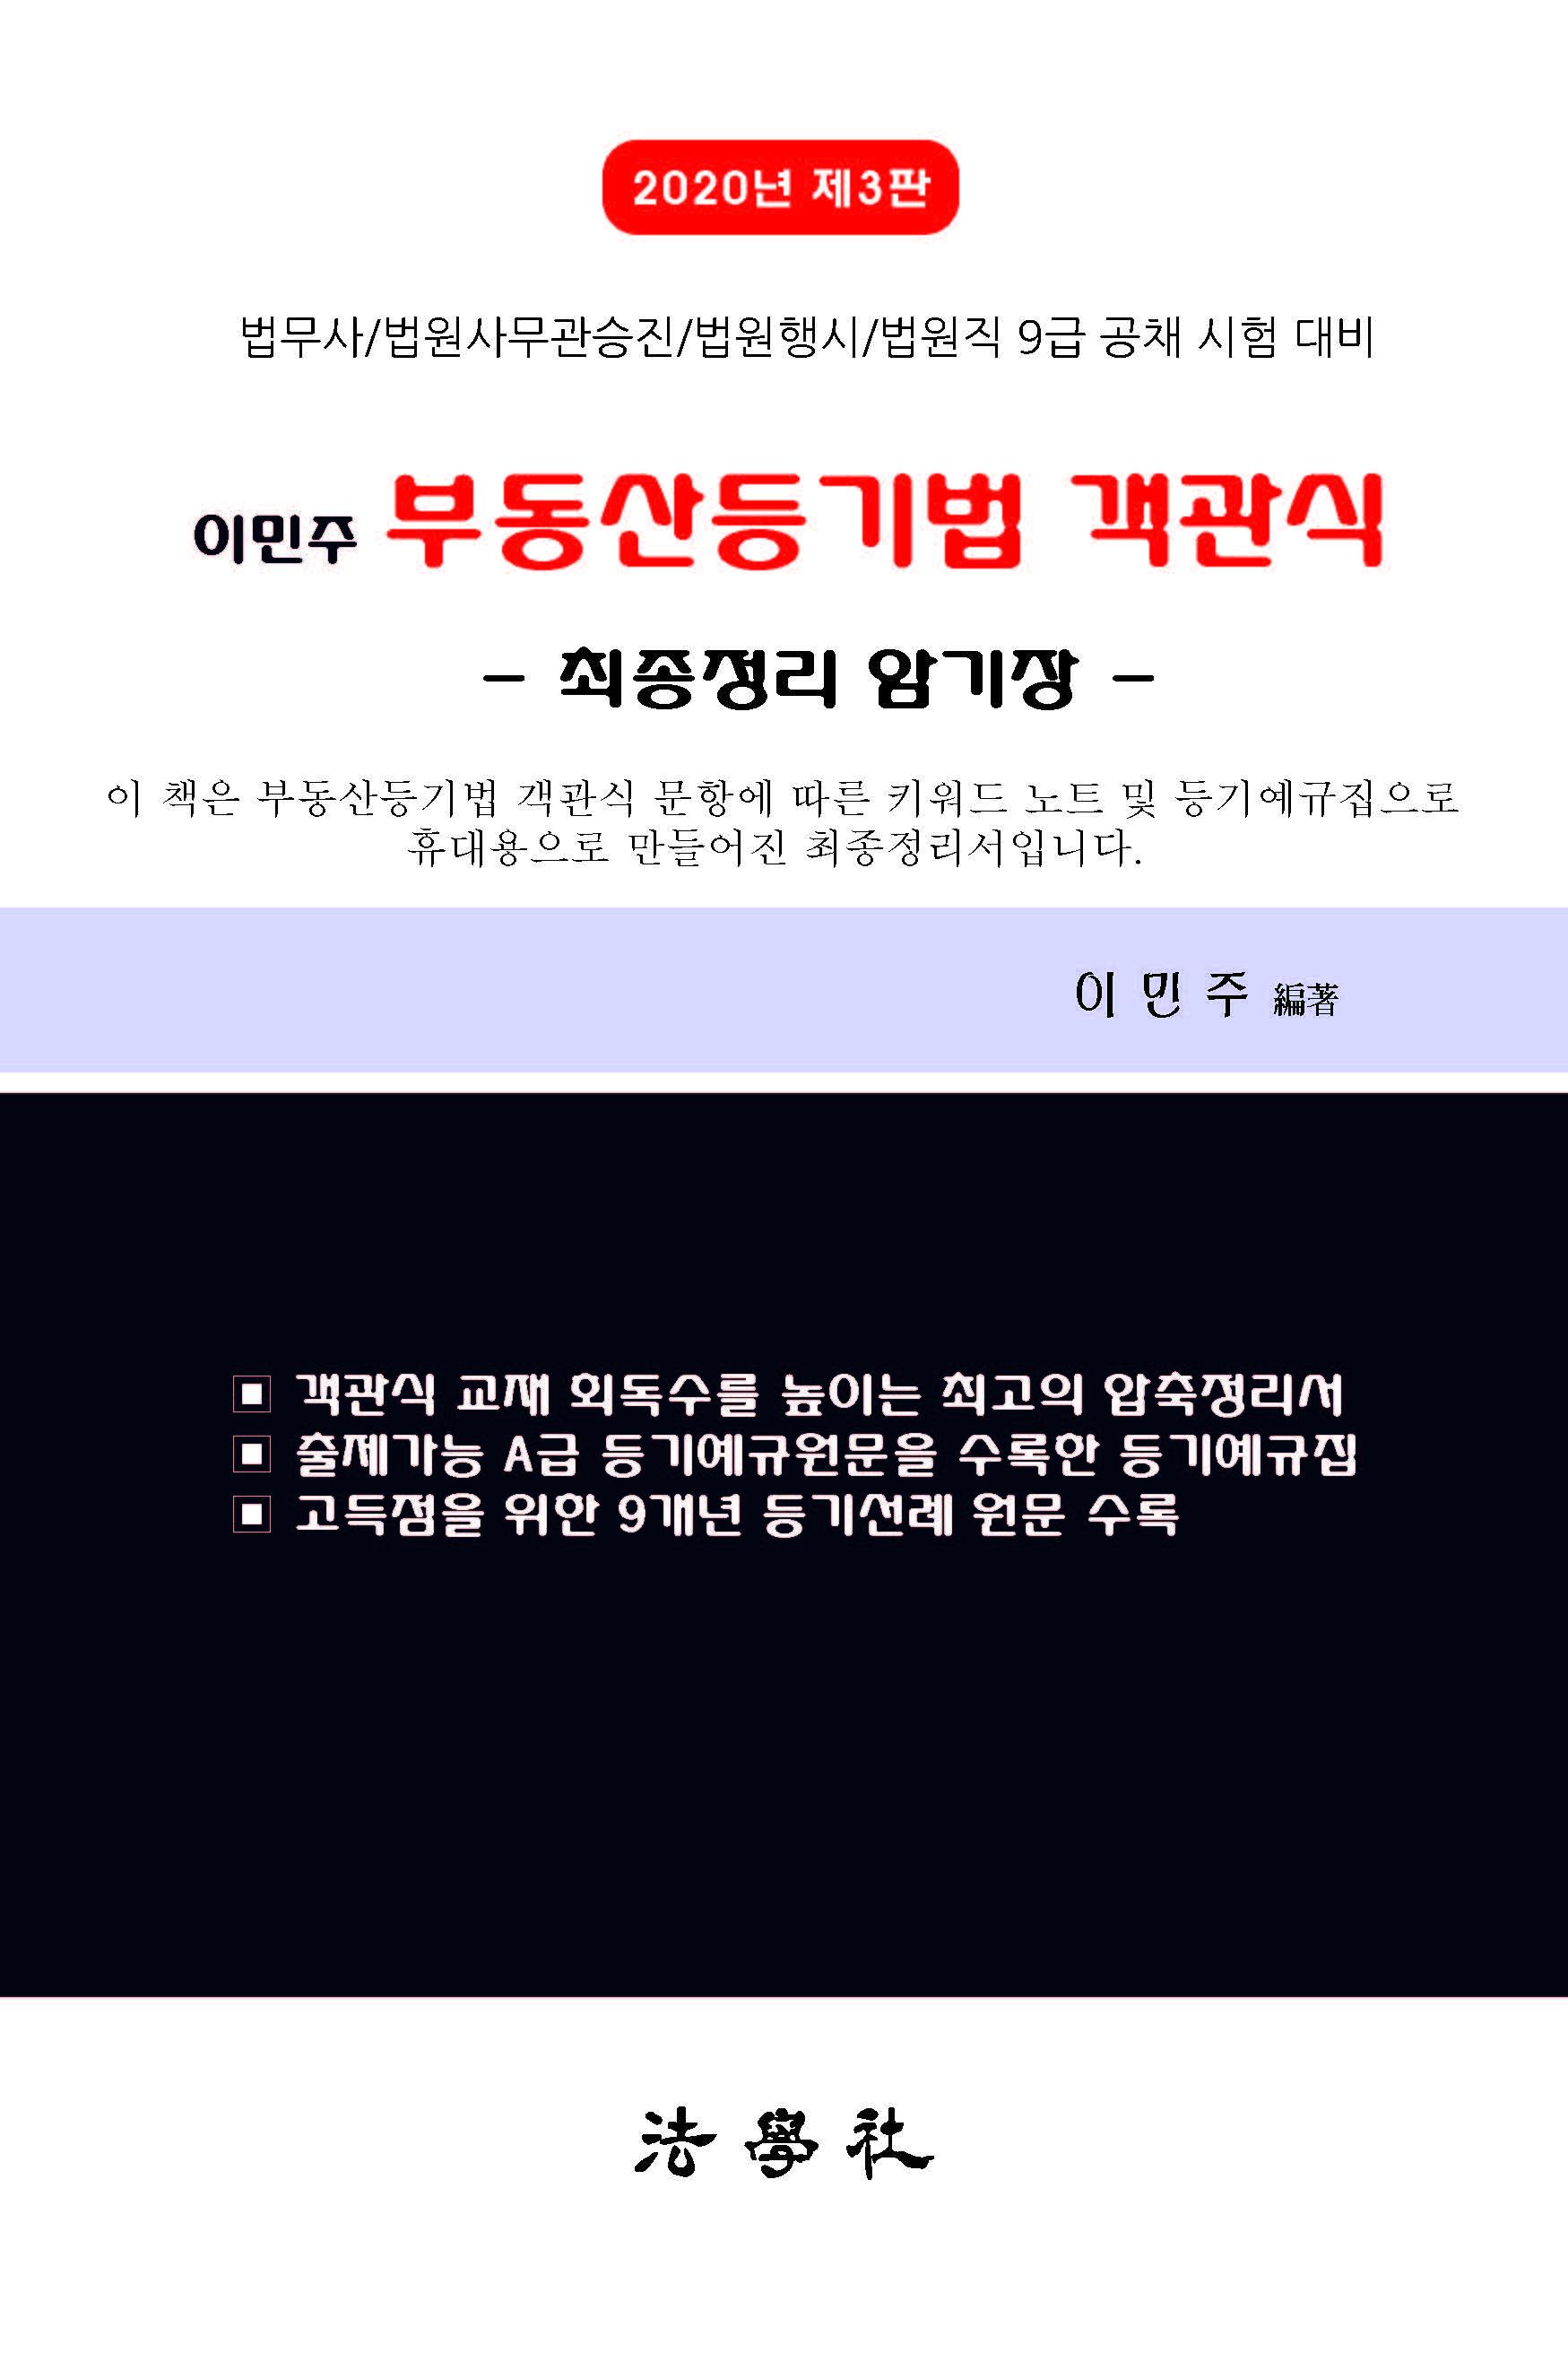 [법무사] 2020 이민주 부동산등기법 객관식 최종정리 암기장 (제3판) (이민주 저)